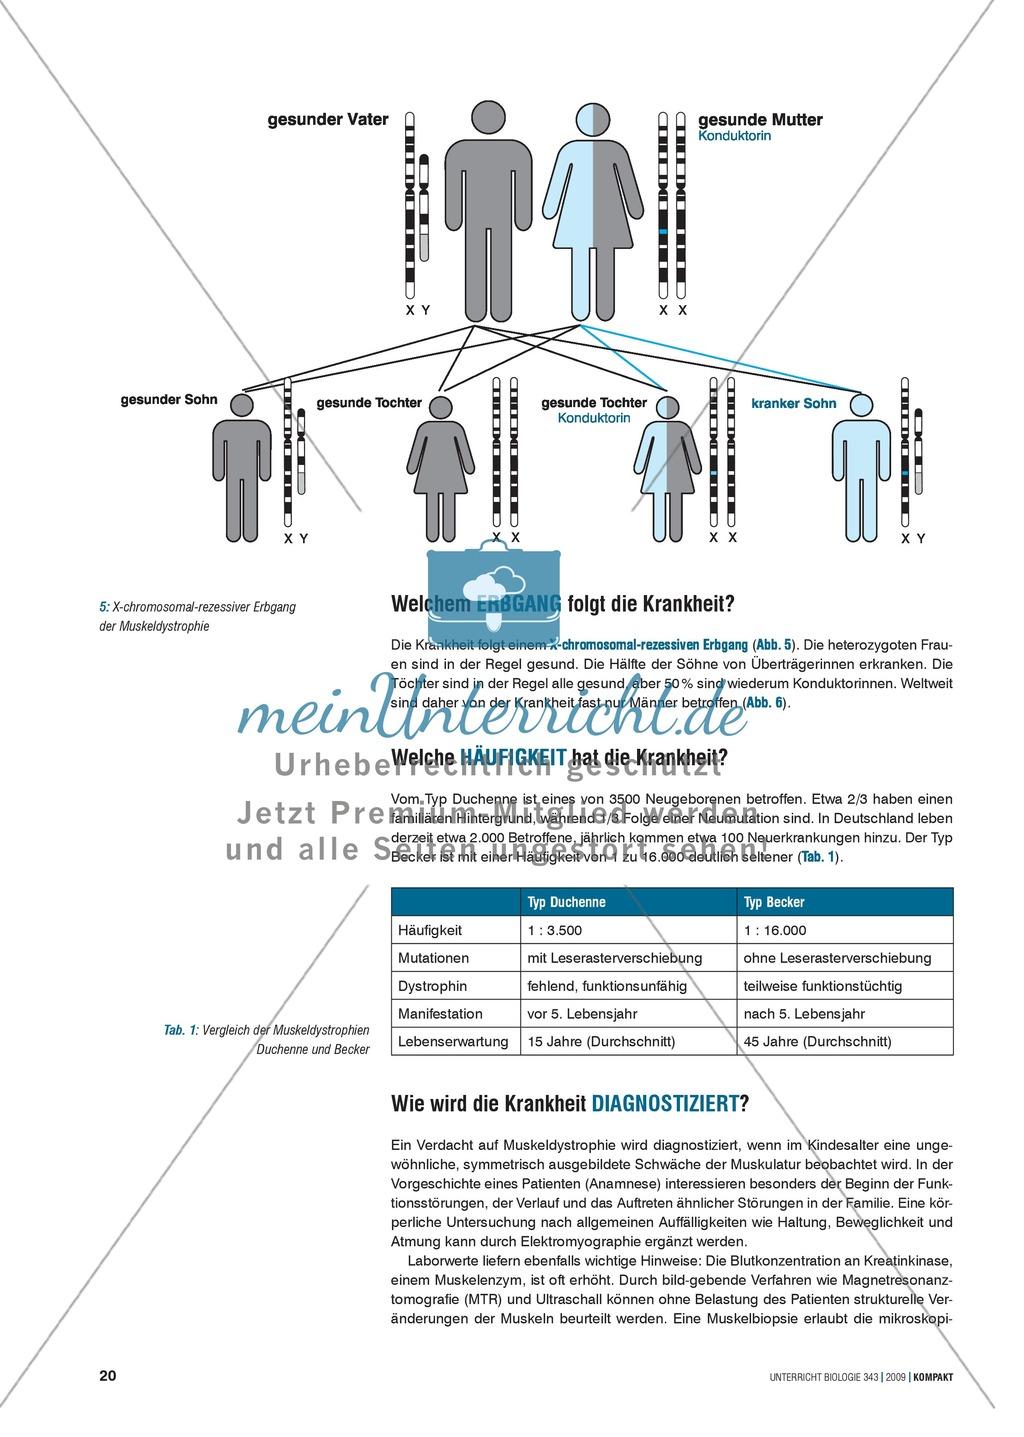 Genetik: Untersuchung erblich bedingter Erkrankungen der Muskulatur ...